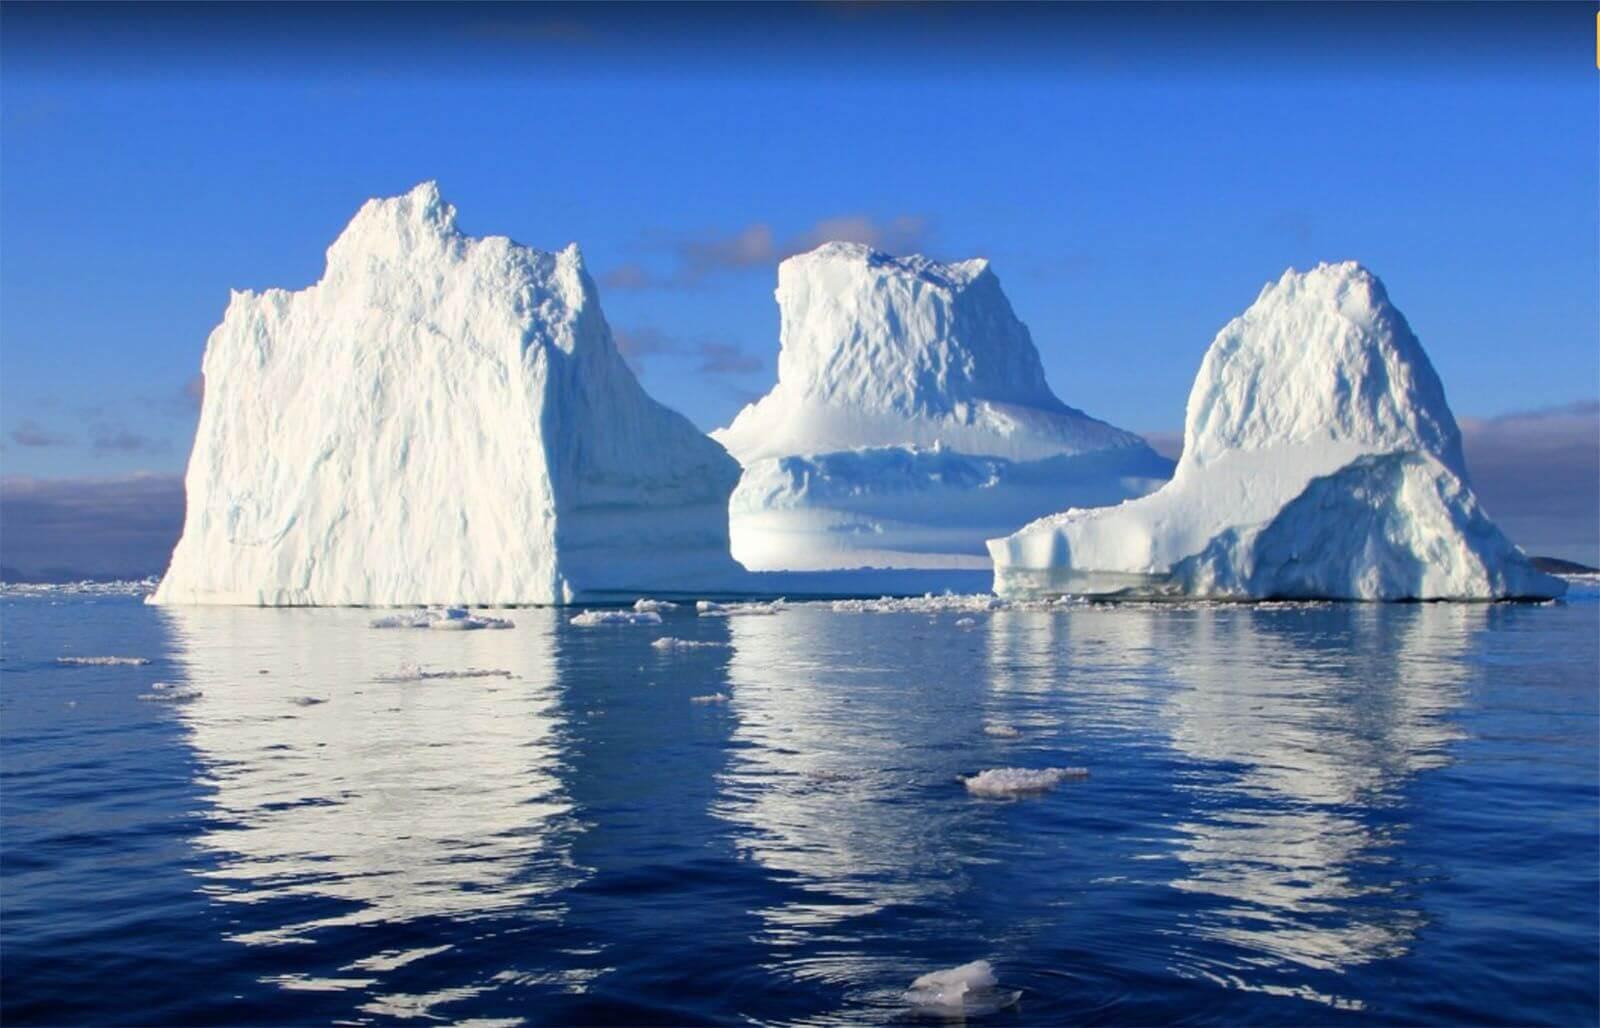 Er du klaverlegspianist, kan du blive organist i Grønland!